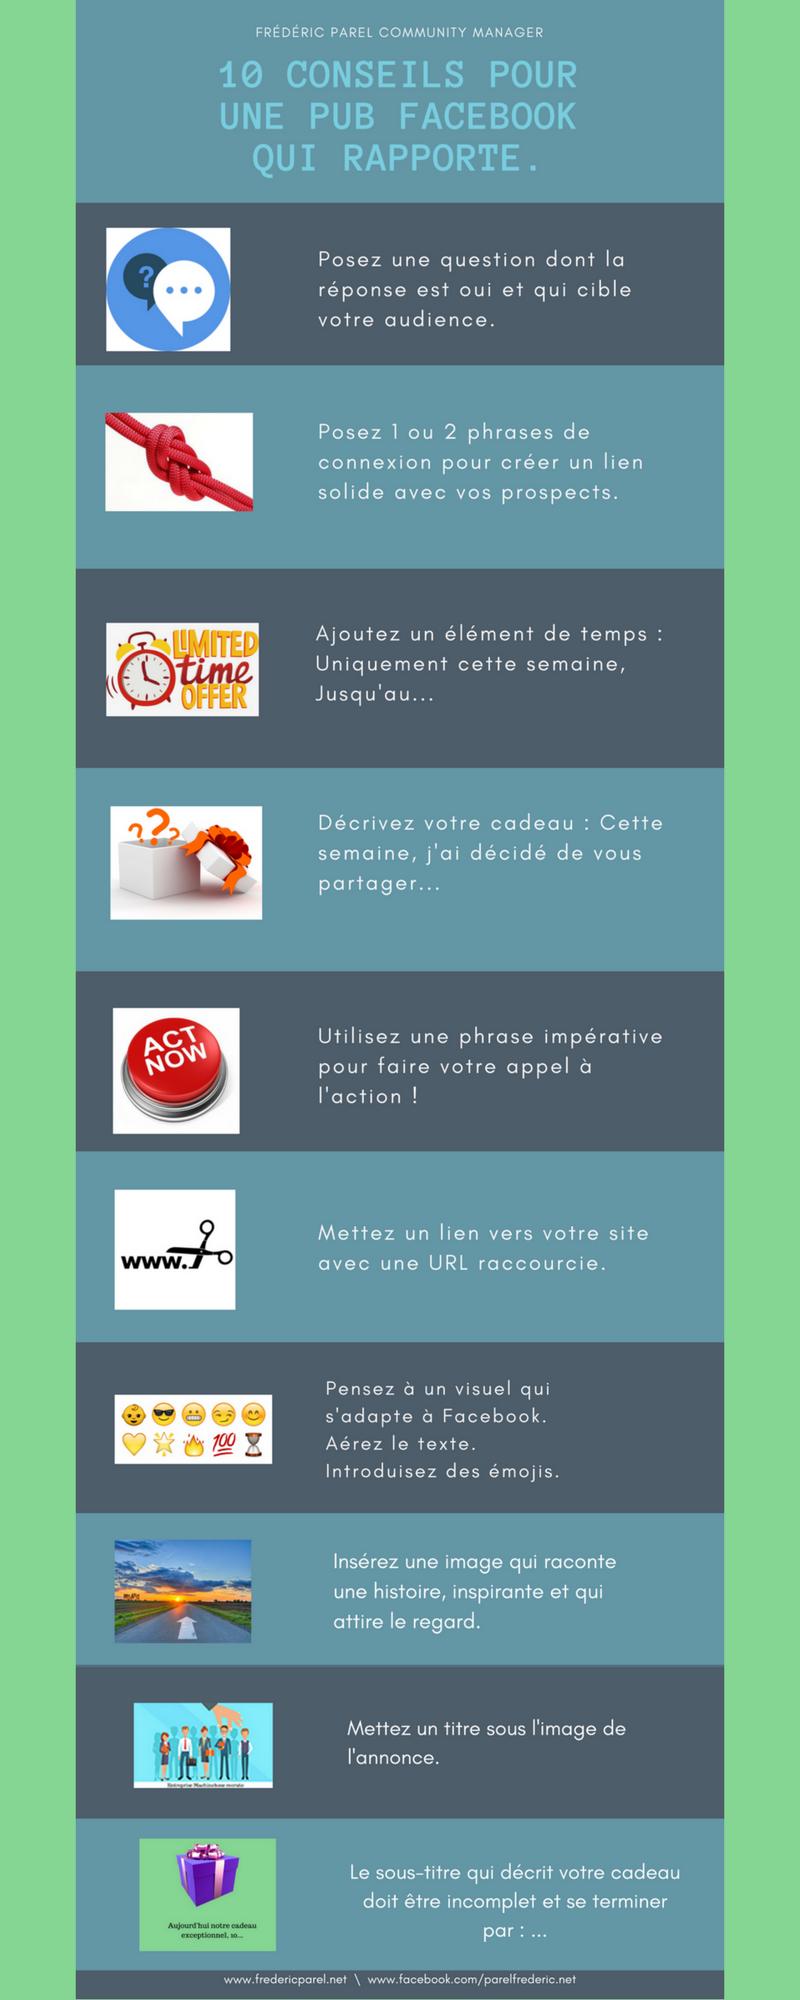 Infographie - 10 conseils pour une pub facebook